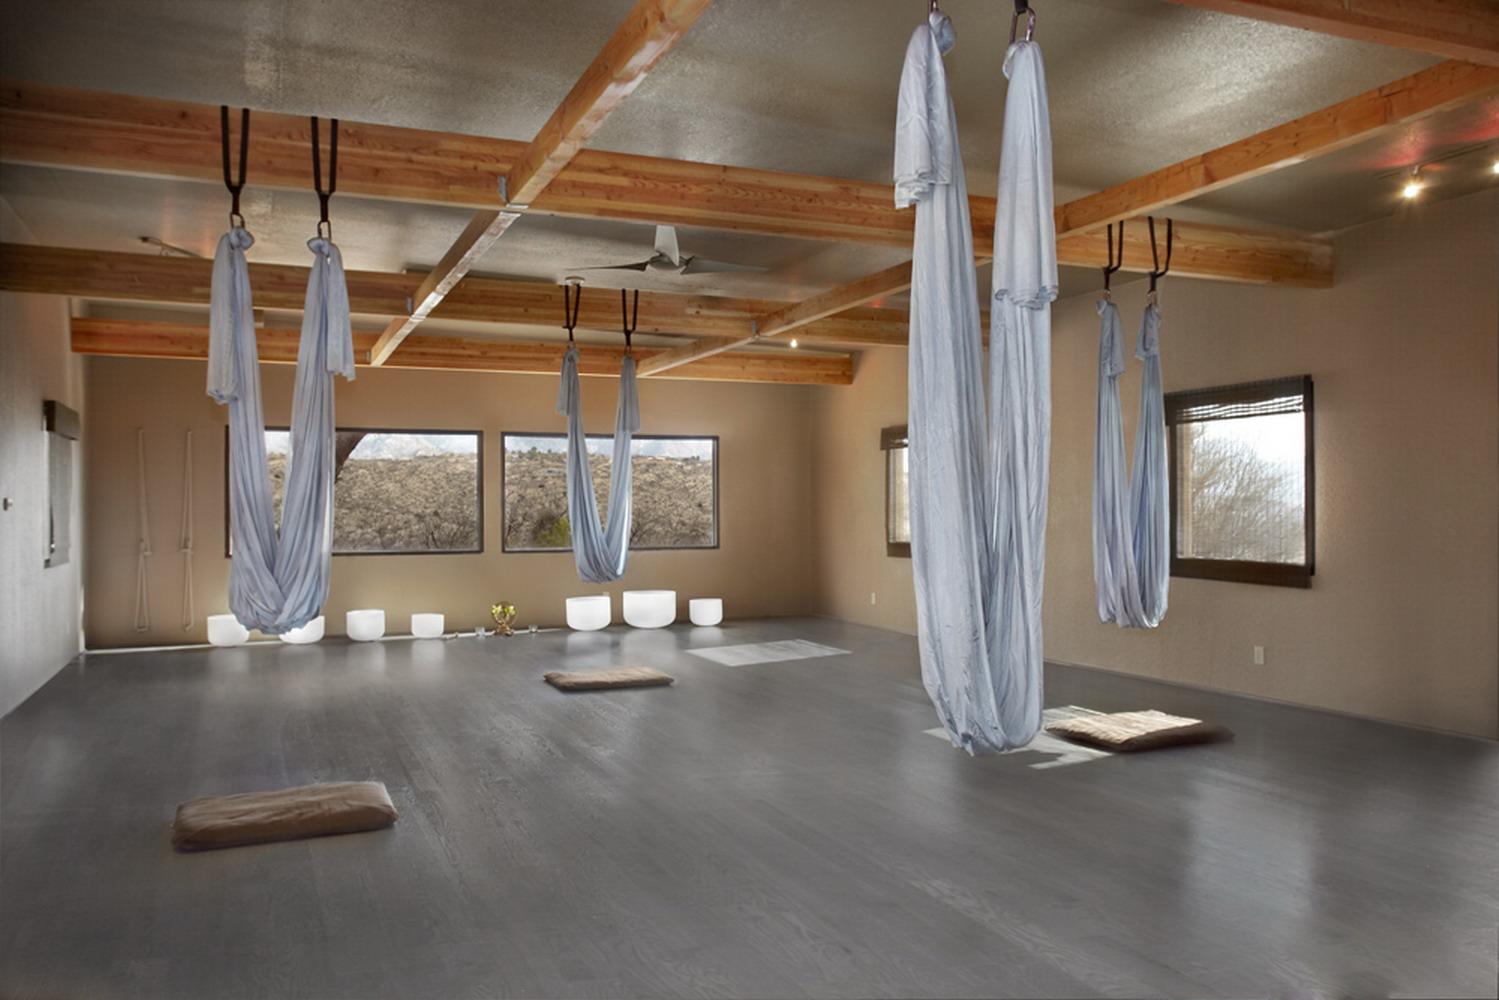 空中瑜伽館室內裝修效果圖